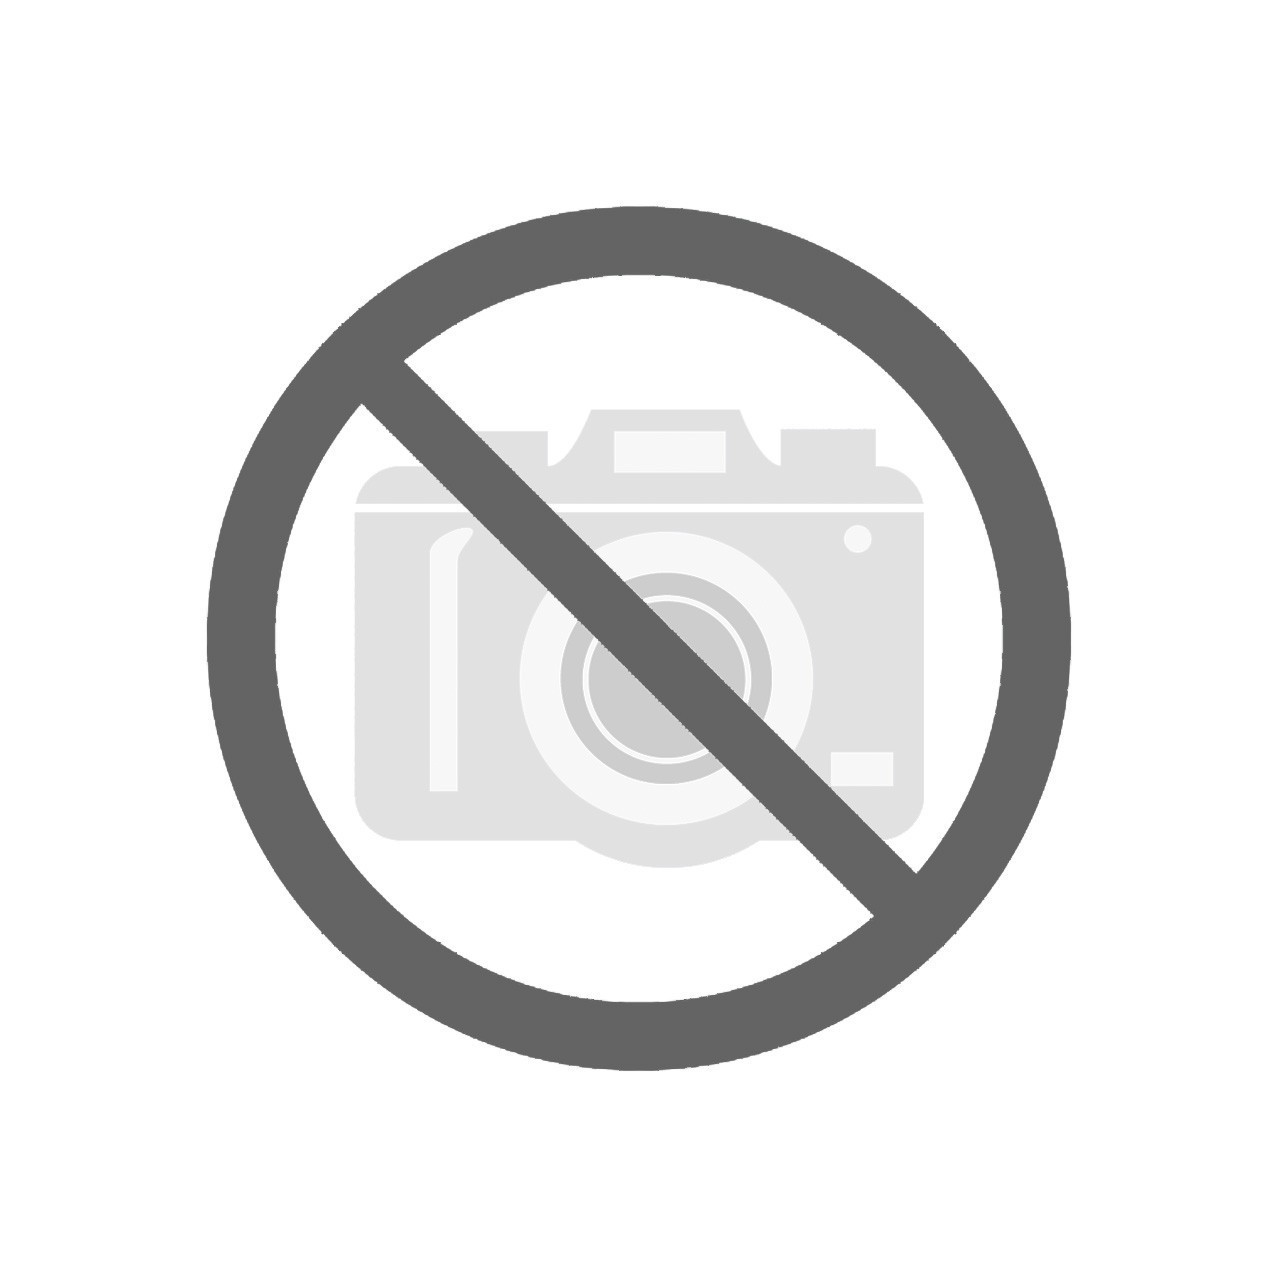 Устройство поворота штанги для BPK 35 N / BPK 35 N2